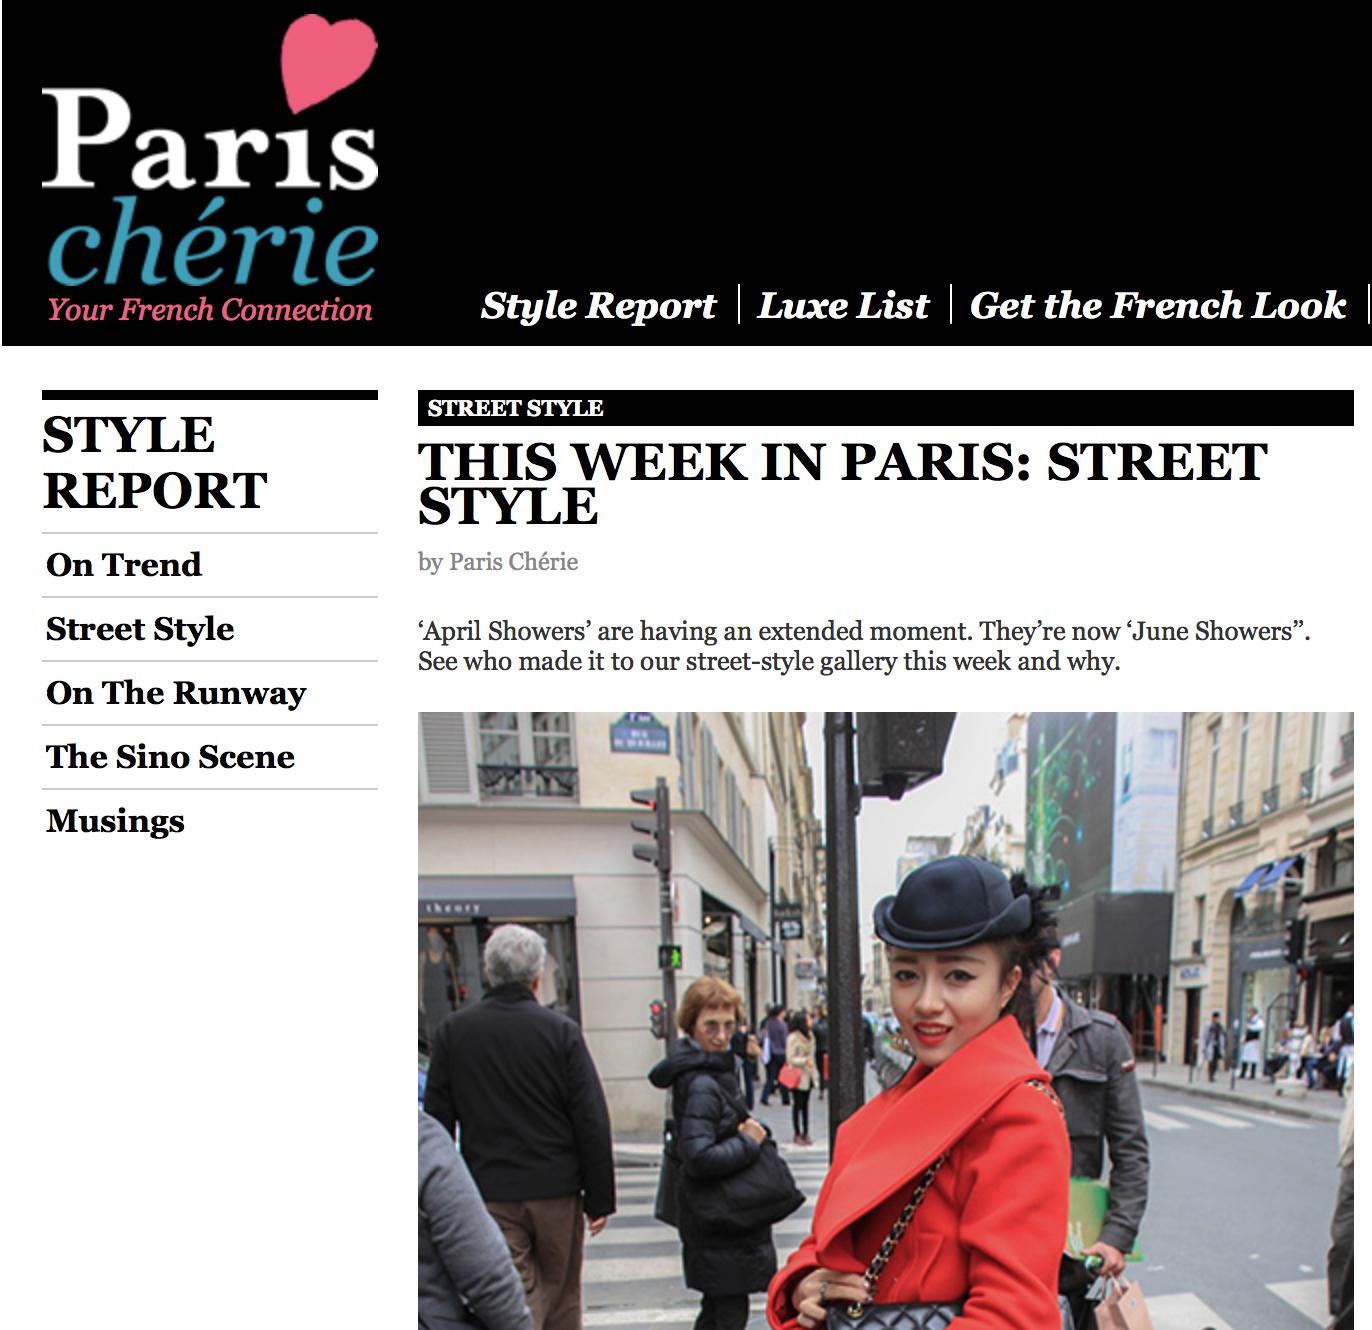 PARIS CHERIE